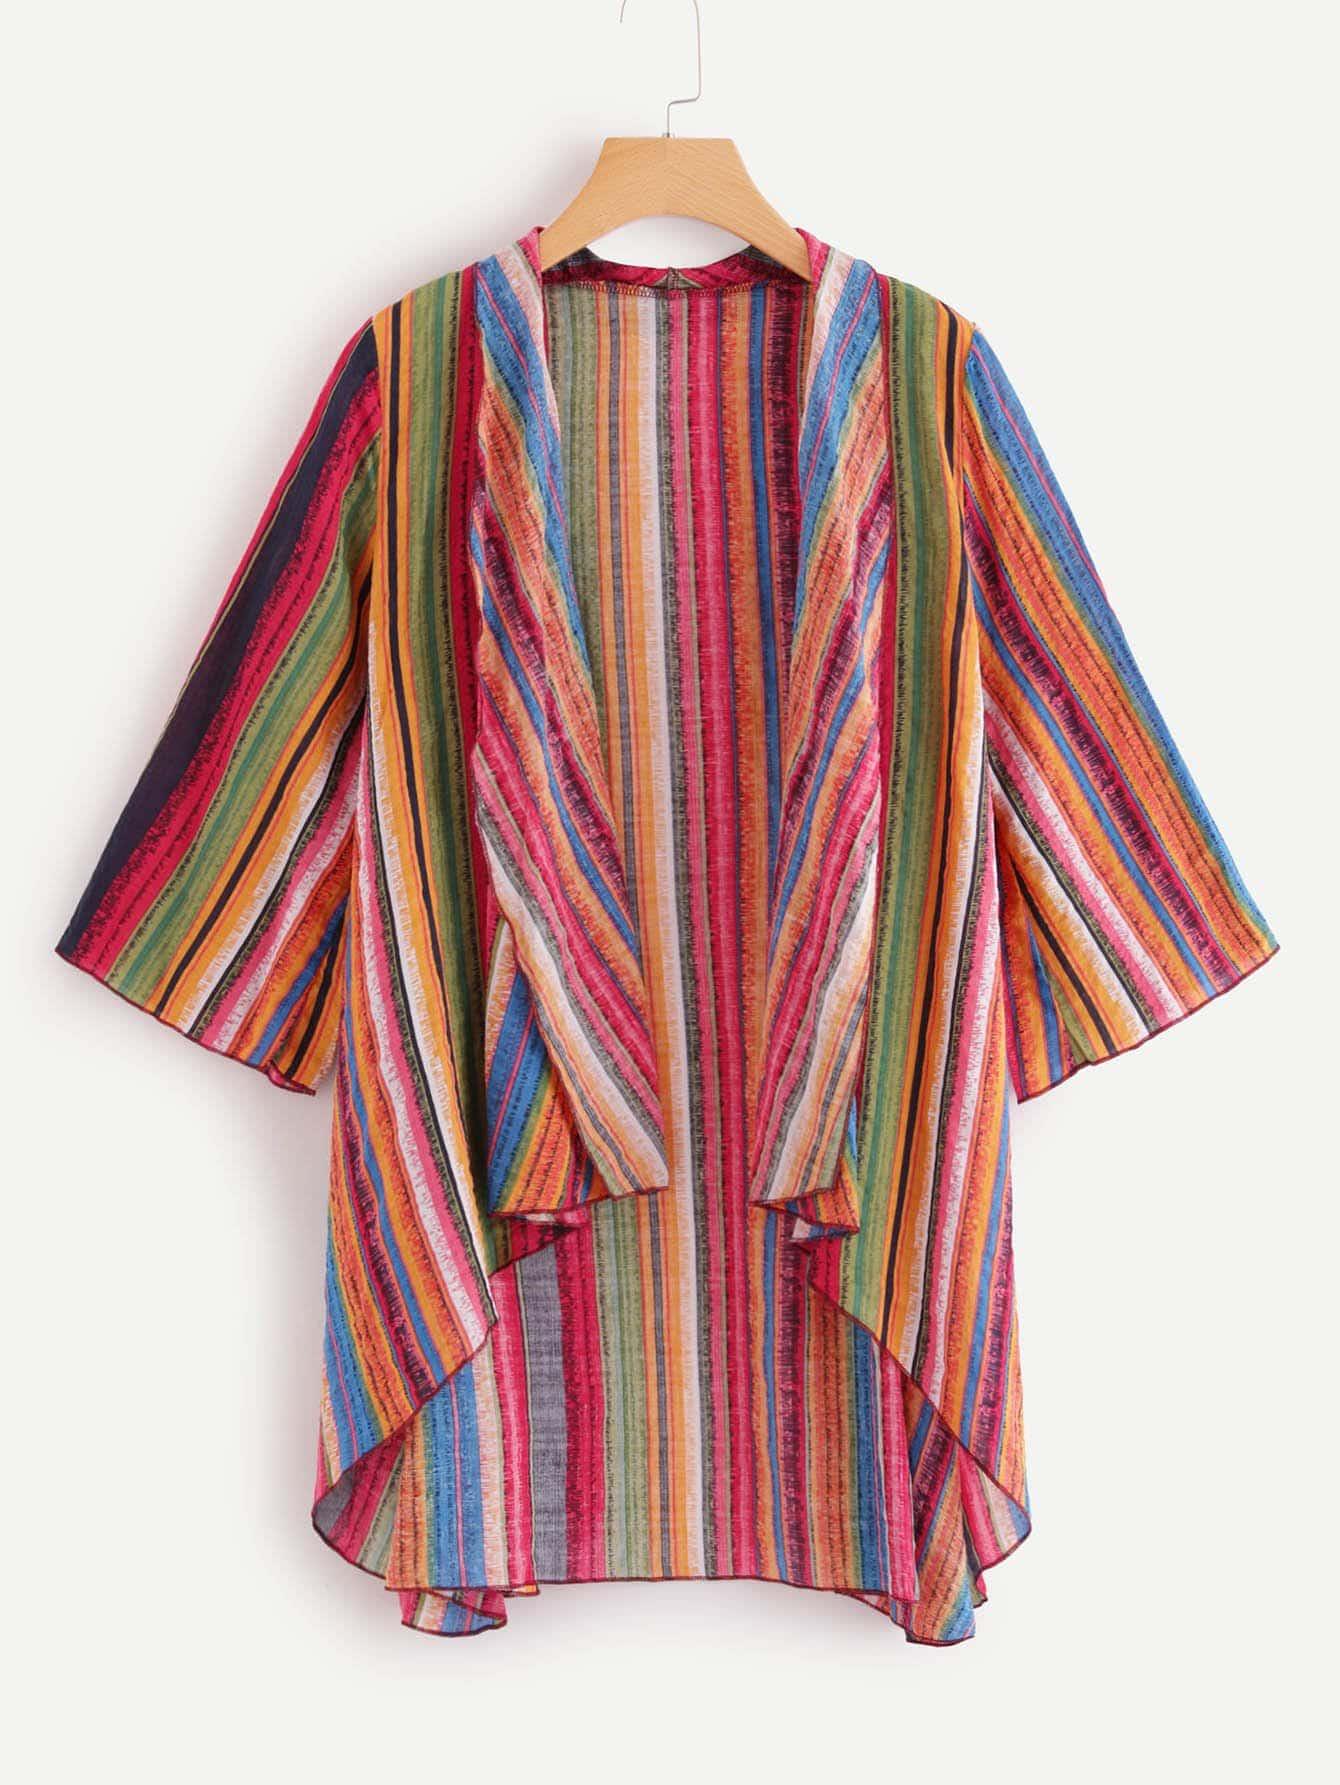 Купить Повседневный Полосатый Асимметричный кимоно Многоцветные Кимоно, null, SheIn